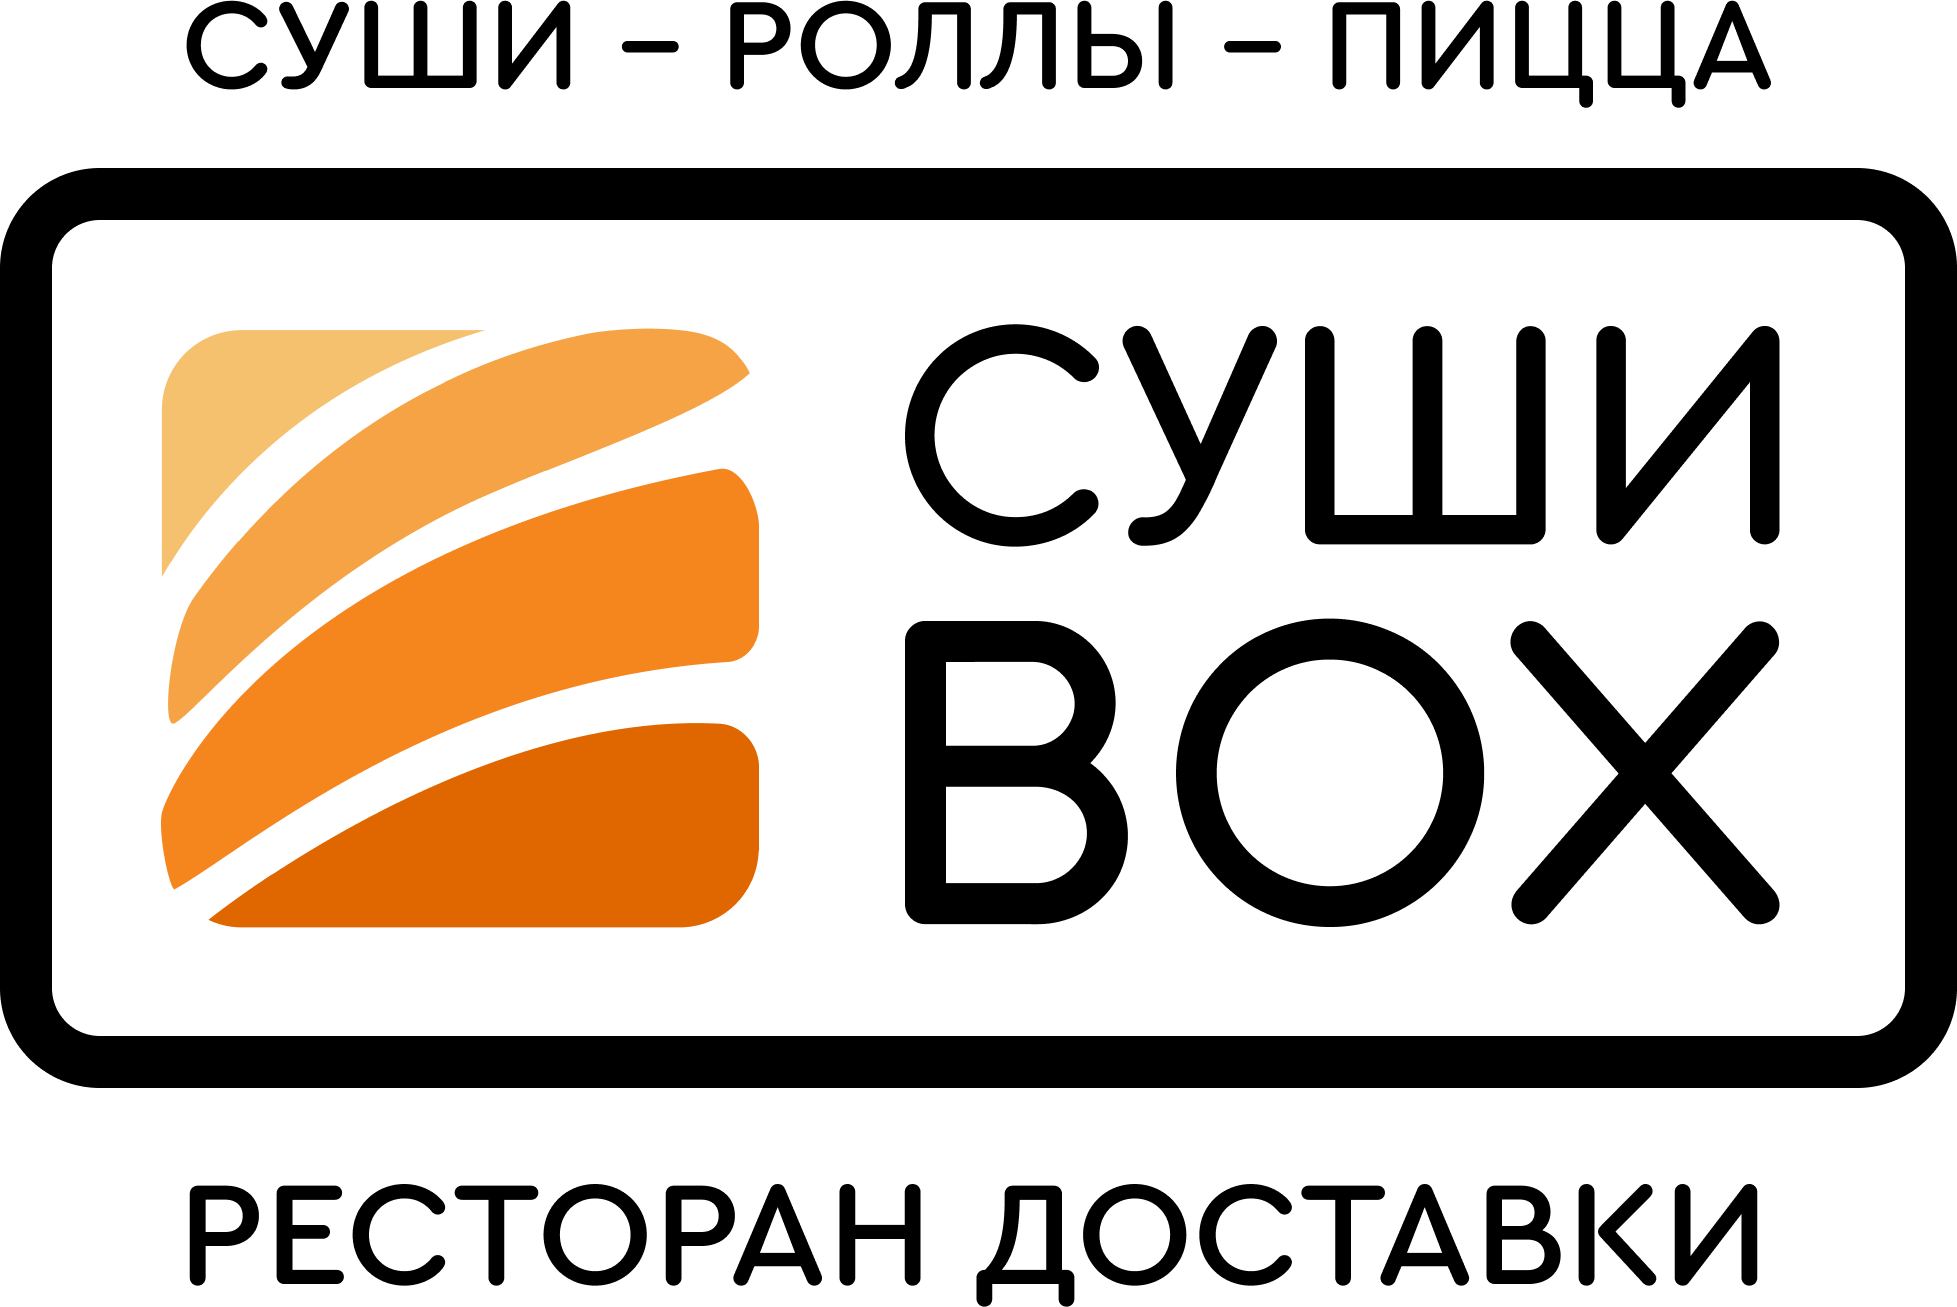 Логотип сушибокс